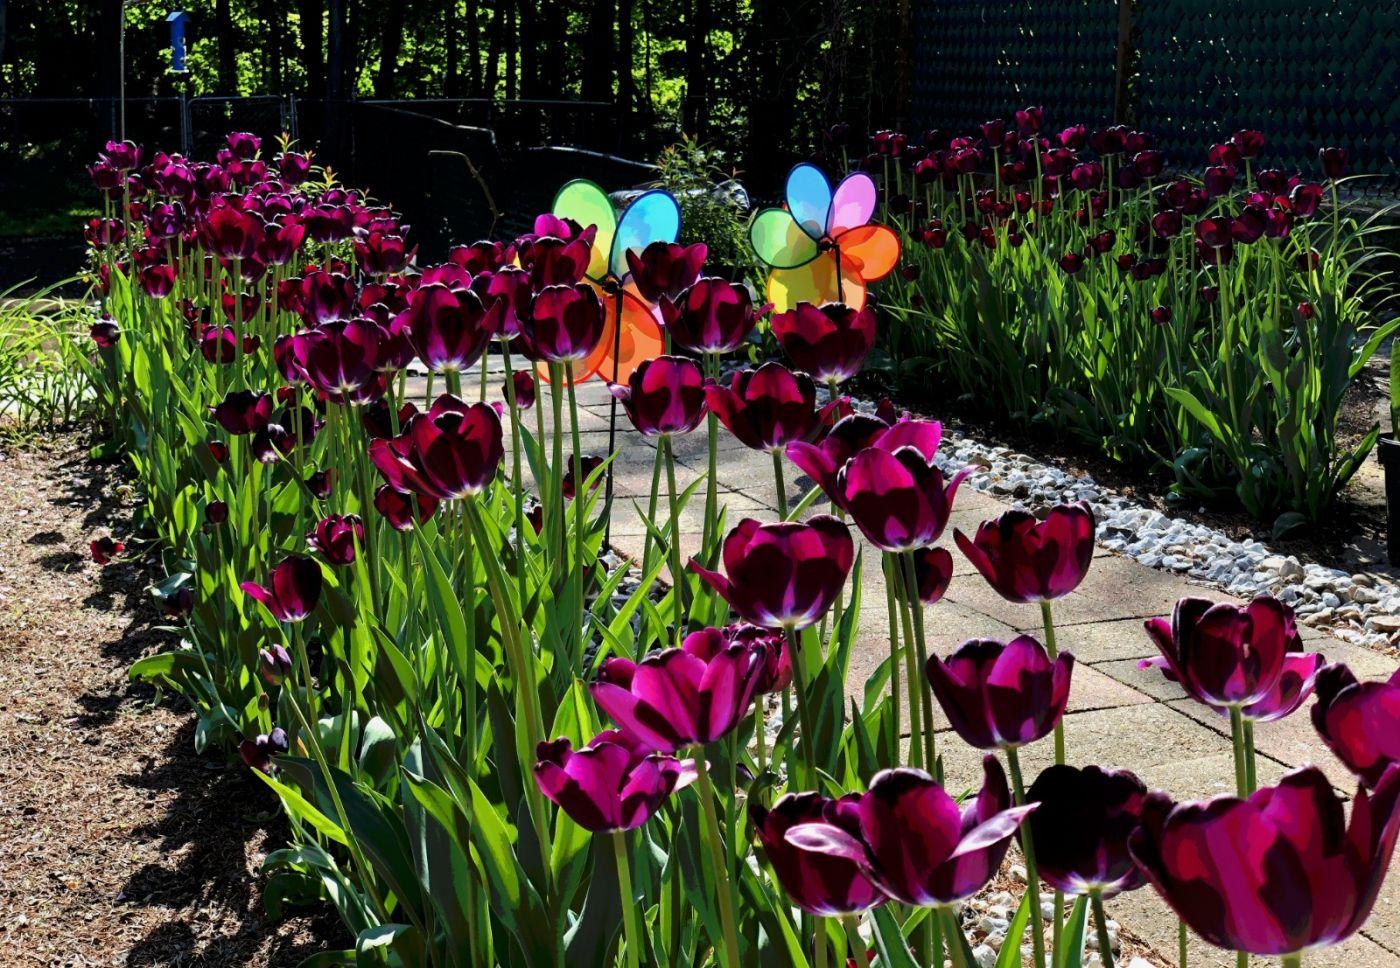 【田螺手机摄影】我后院的紫金香也全部开了_图1-3